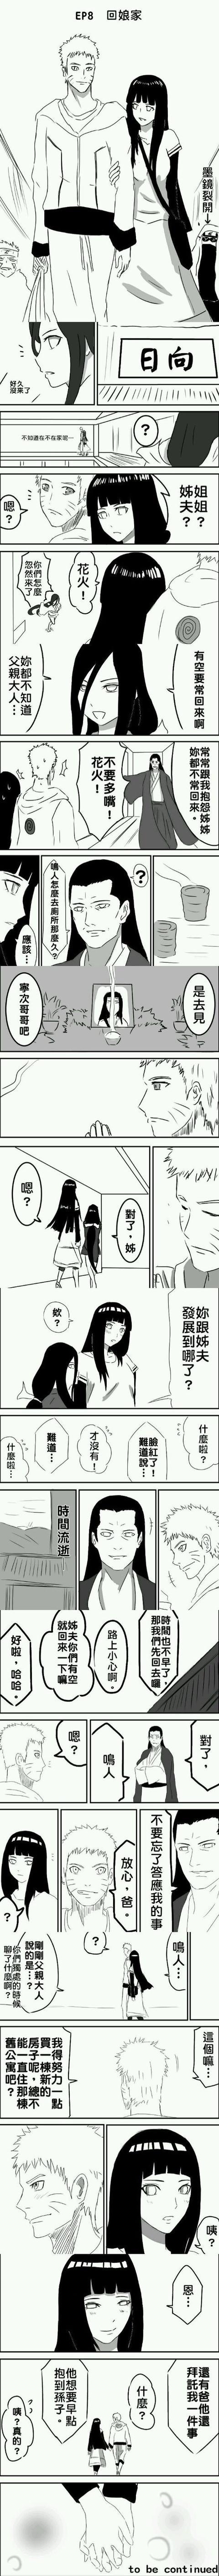 火影忍者邪恶漫画,火影忍者——雏鸣的私密生活(二)